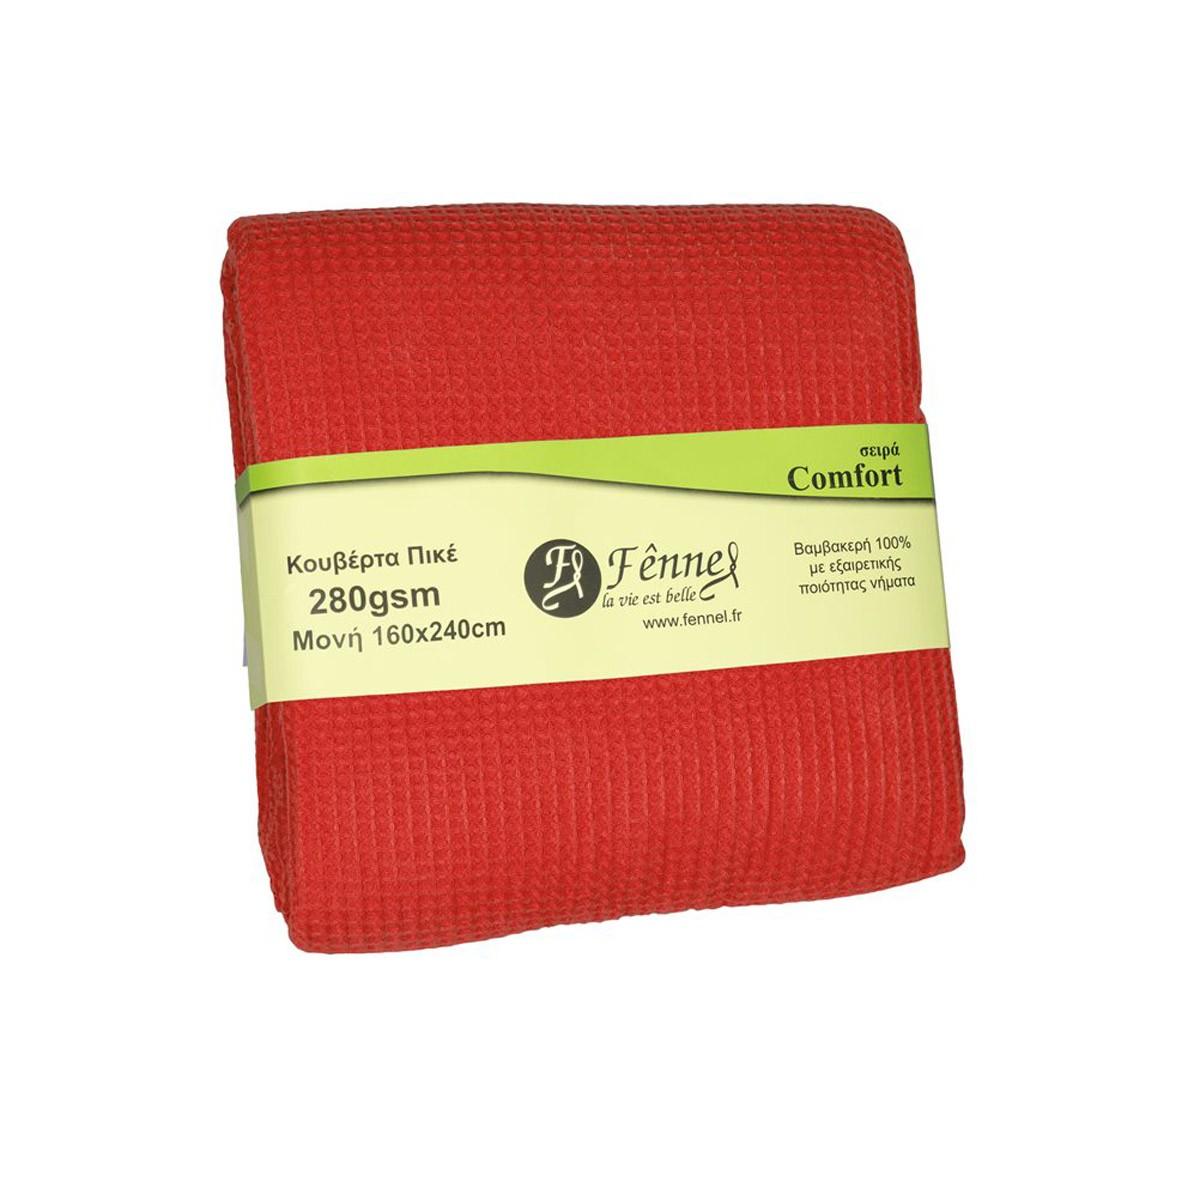 Κουβέρτα Πικέ Μονή Fennel WBCO Red